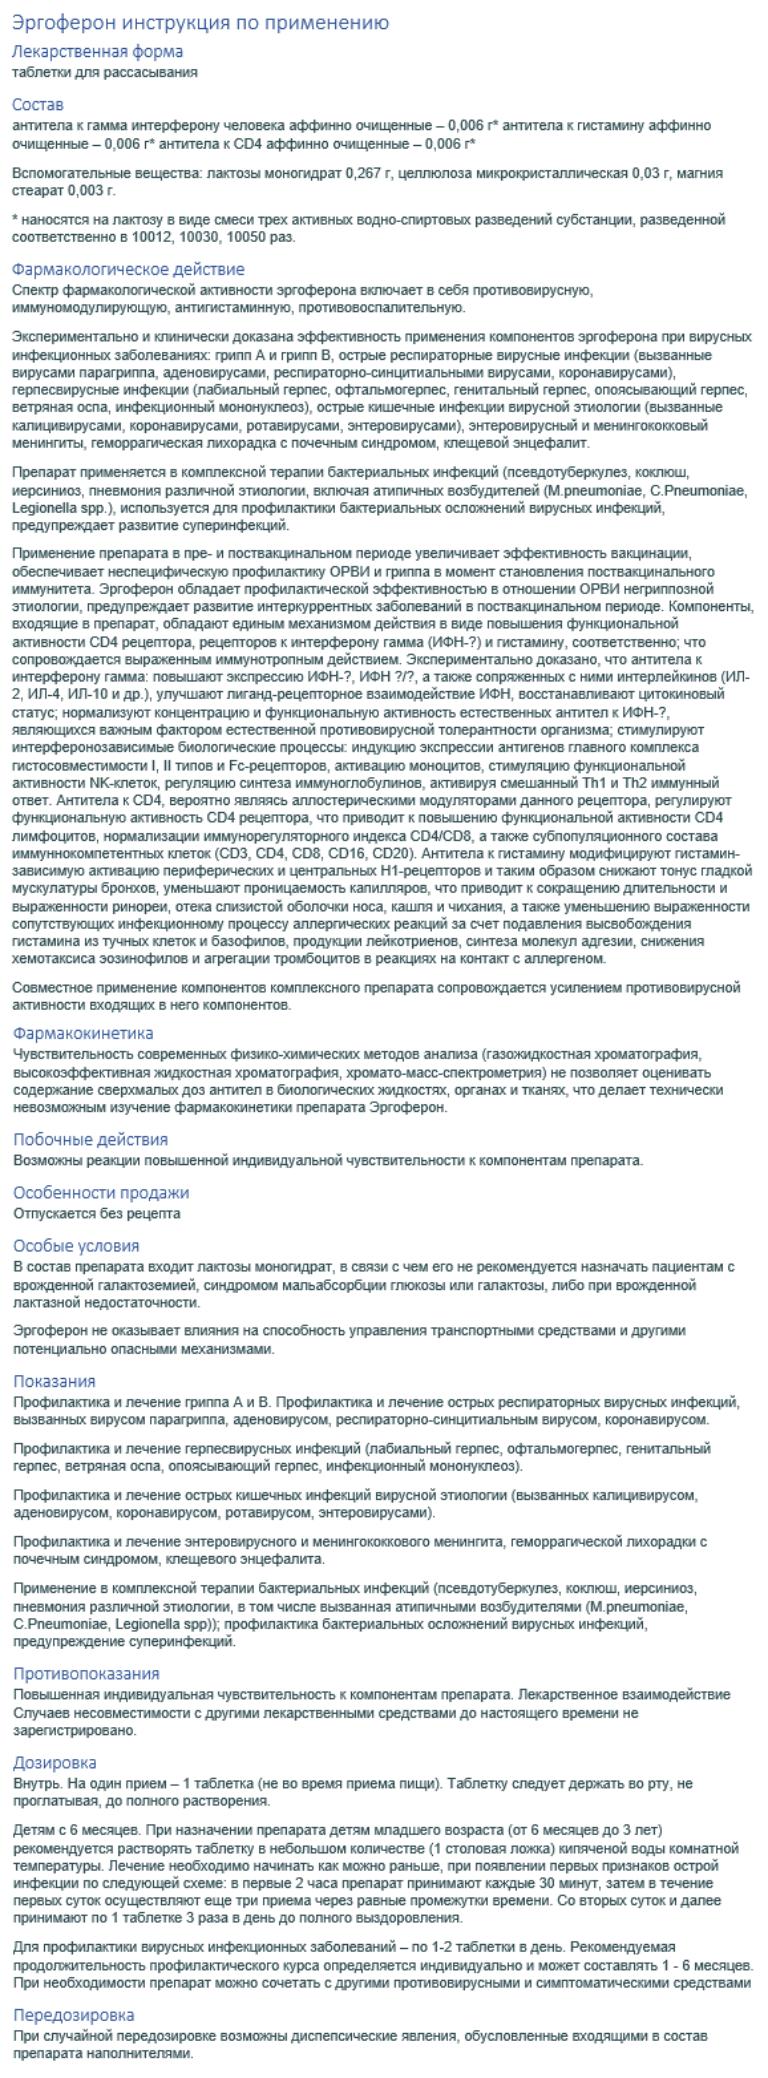 Эргоферон, инструкция по применению, цена, отзывы, аналоги